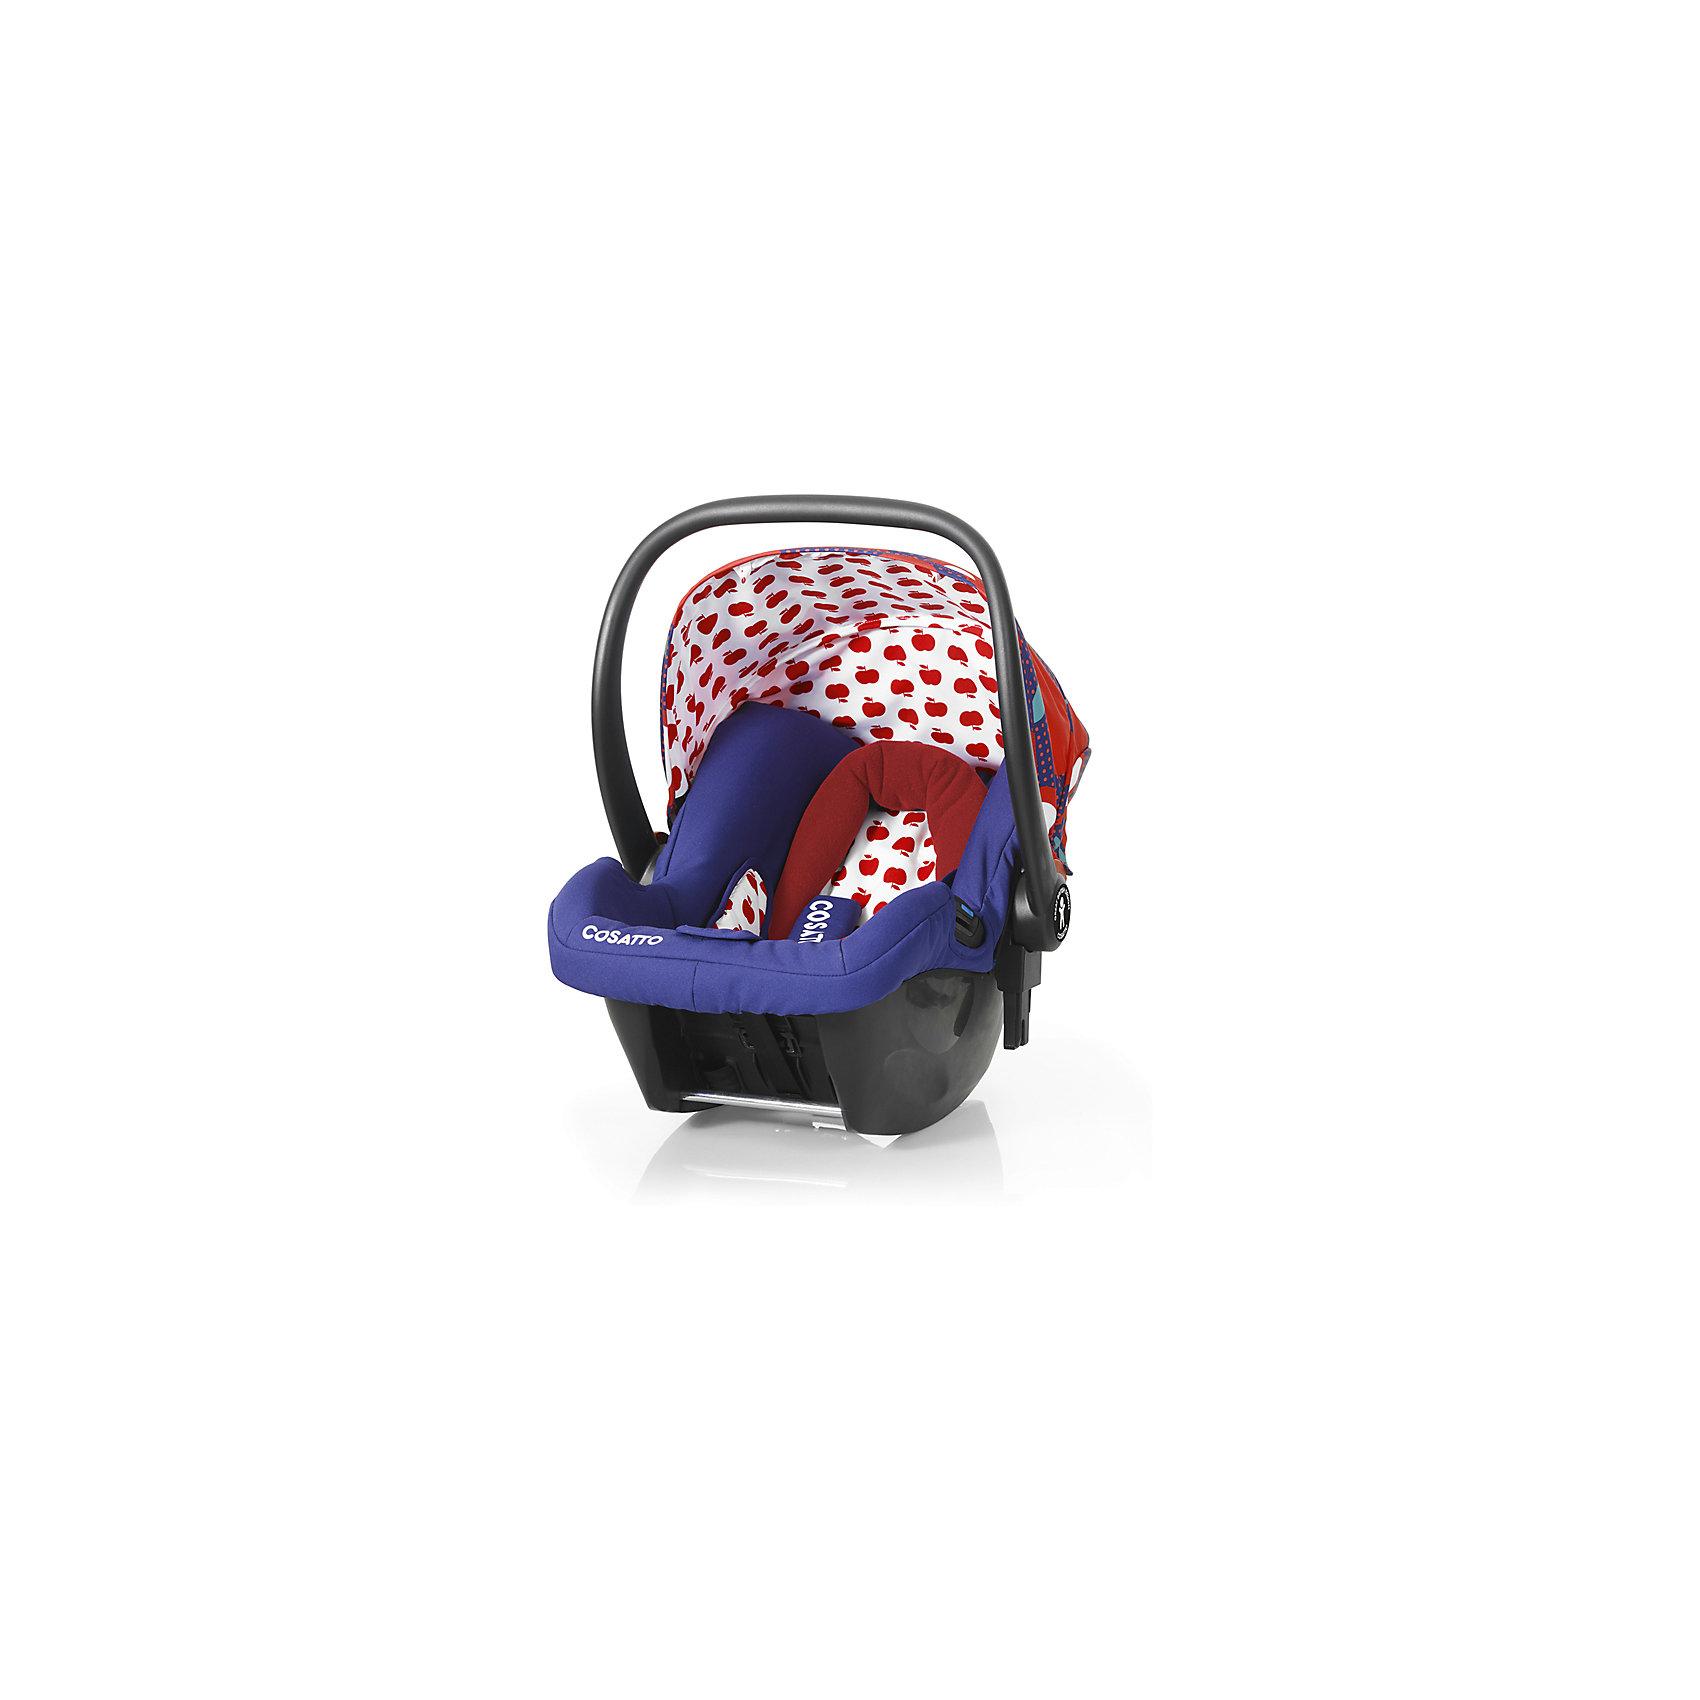 Автокресло Cosatto Hold, 0-13 кг, Apple SeedГруппа 0+ (До 13 кг)<br>Характеристики:<br><br>• группа: 0+;<br>• вес ребенка: до 13 кг;<br>• возраст: от рождения до 18 месяцев;<br>• соответствует нормам безопасности  ECE R44/04;<br>• установка: против хода движения автомобиля;<br>• может крепиться штатным автомобильным ремнем или устанавливаться на одну из баз Cosatto (Isofix и для 3-точечного ремня);<br>• совместимо с шасси колясок Cosatto Ooba, Giggle 2, To &amp; Fro, Woop;<br>• можно использовать как переноску или люльку;<br>• 3-точечные внутренние ремни имеют 2 положения;<br>• плечевые и нагрудные подушечки;<br>• анатомический вкладыш;<br>• специальная подушка для головы;<br>• усиленная боковая защита;<br>• ударопрочный пластик;<br>• солнцезащитный съемный козырек из ткани;<br>• ручка для переноски;<br>• гипоаллергенный материал обивки;<br>• съемный чехол можно стирать при температуре 30 градусов;<br>• материал: пластик, полиэстер.<br><br>Габариты автокресла: 70х60х44 см.<br>Вес автокресла: 3 кг.<br><br>Автокресло разработано для безопасной перевозки малышей в салоне автомобиля. Представленную модель можно использовать не только как авто-люльку, а и устанавливать на шасси коляски, что очень удобно на прогулке за городом. Продуманная до мелочей система безопасности максимально защищает малыша во время движения. Автокресло устанавливается на сиденье и крепится при помощи штатного трехточечного ремня безопасности автомобиля либо при устанавливается на специальную базу (приобретается отдельно). <br><br>Автокресло Hold 0-13 кг., Cosatto, Apple Seed можно купить в нашем интернет-магазине.<br><br>Ширина мм: 740<br>Глубина мм: 440<br>Высота мм: 380<br>Вес г: 6000<br>Возраст от месяцев: 0<br>Возраст до месяцев: 12<br>Пол: Унисекс<br>Возраст: Детский<br>SKU: 5362943